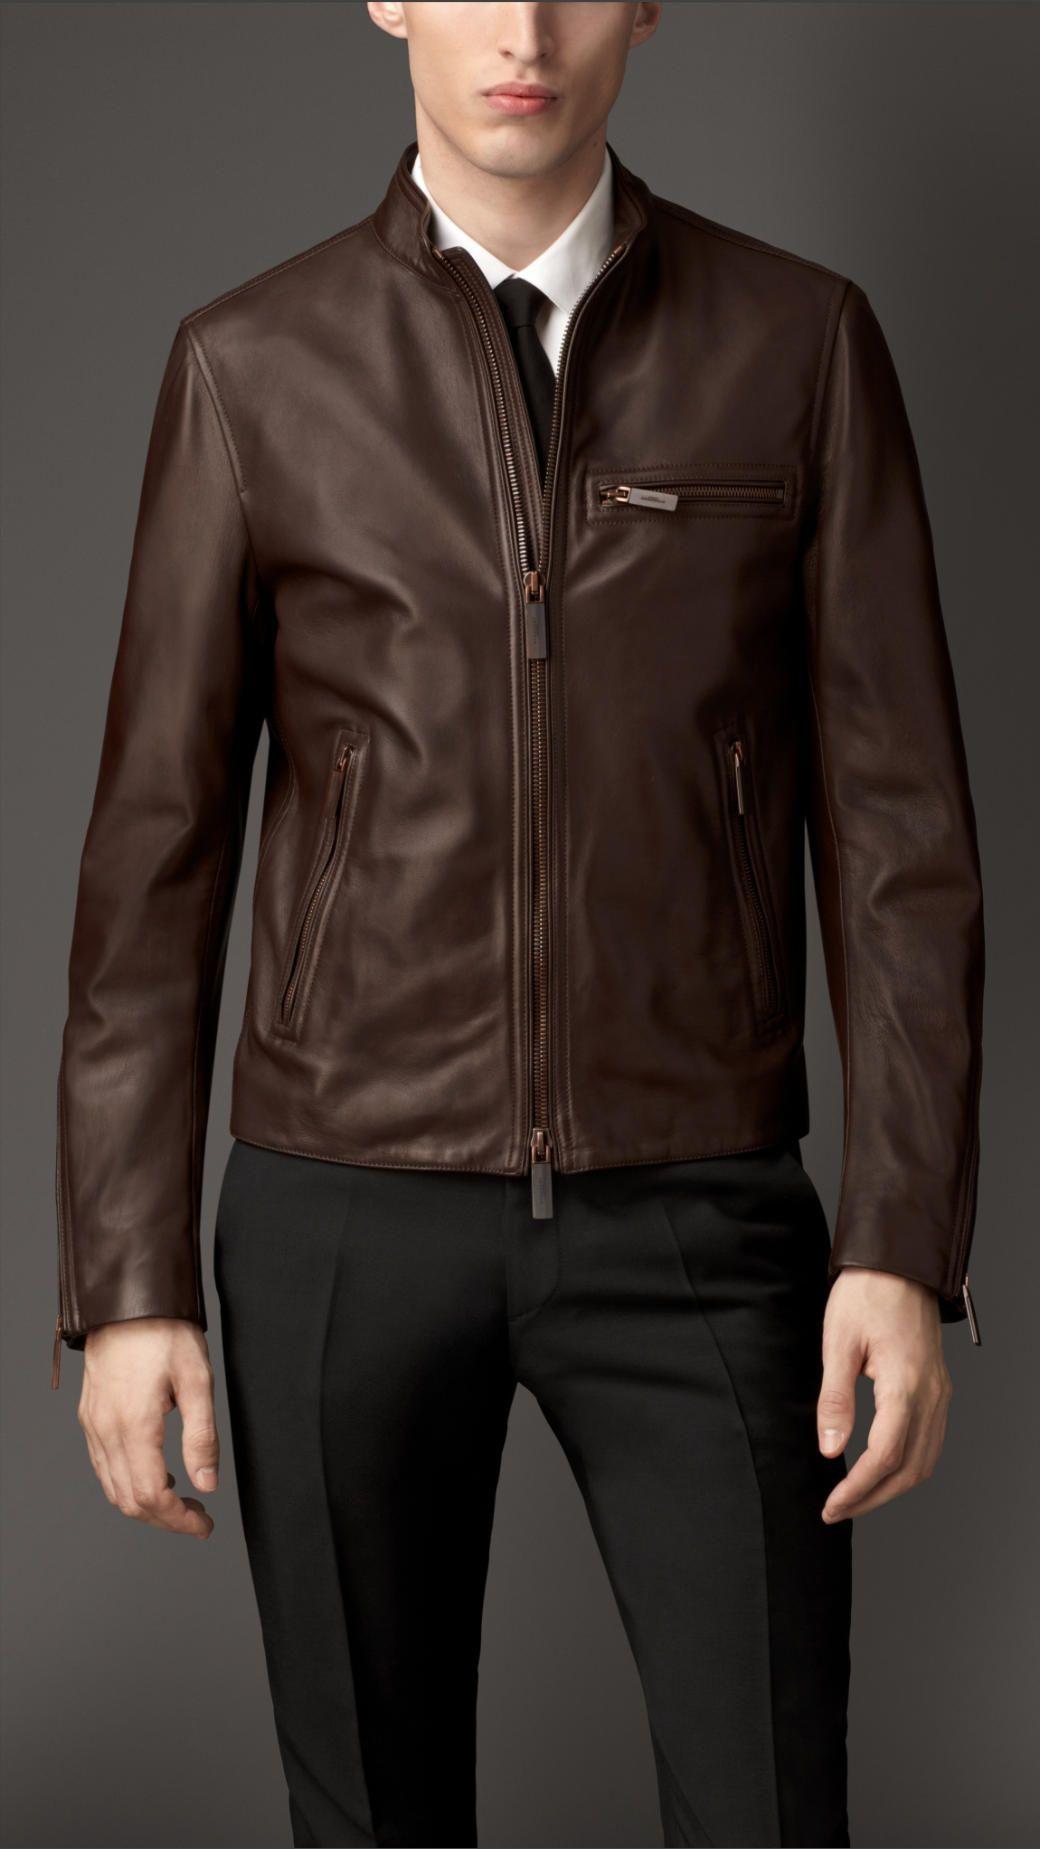 Men S Jackets Leather Bomber Jackets Burberry Official Leather Jacket Men Leather Jacket Leather Jacket Men Style [ 1849 x 1040 Pixel ]